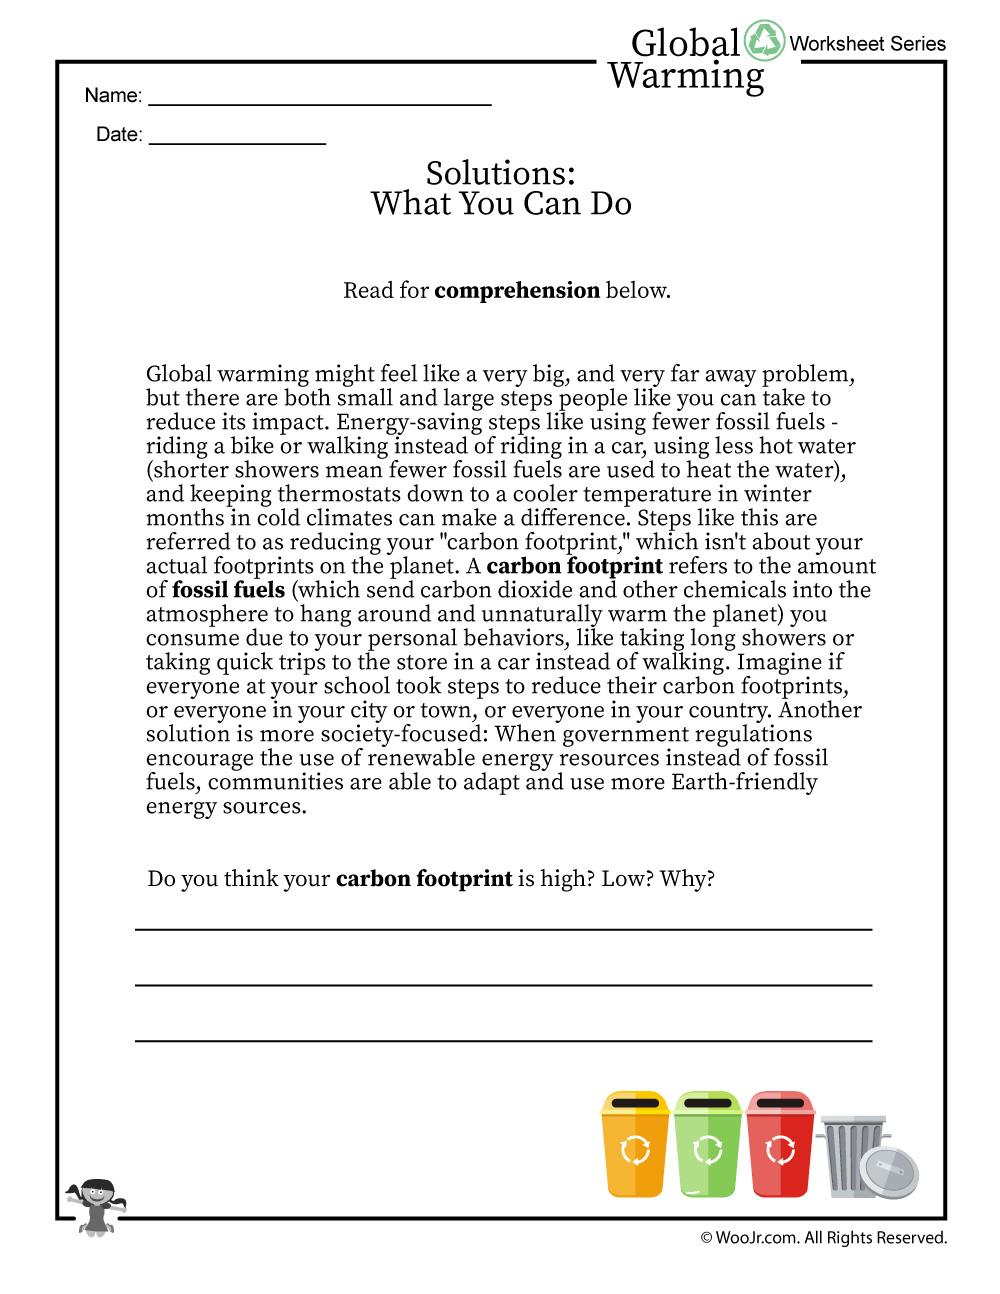 Global Warming Solutions Printable Reading Worksheet Woo